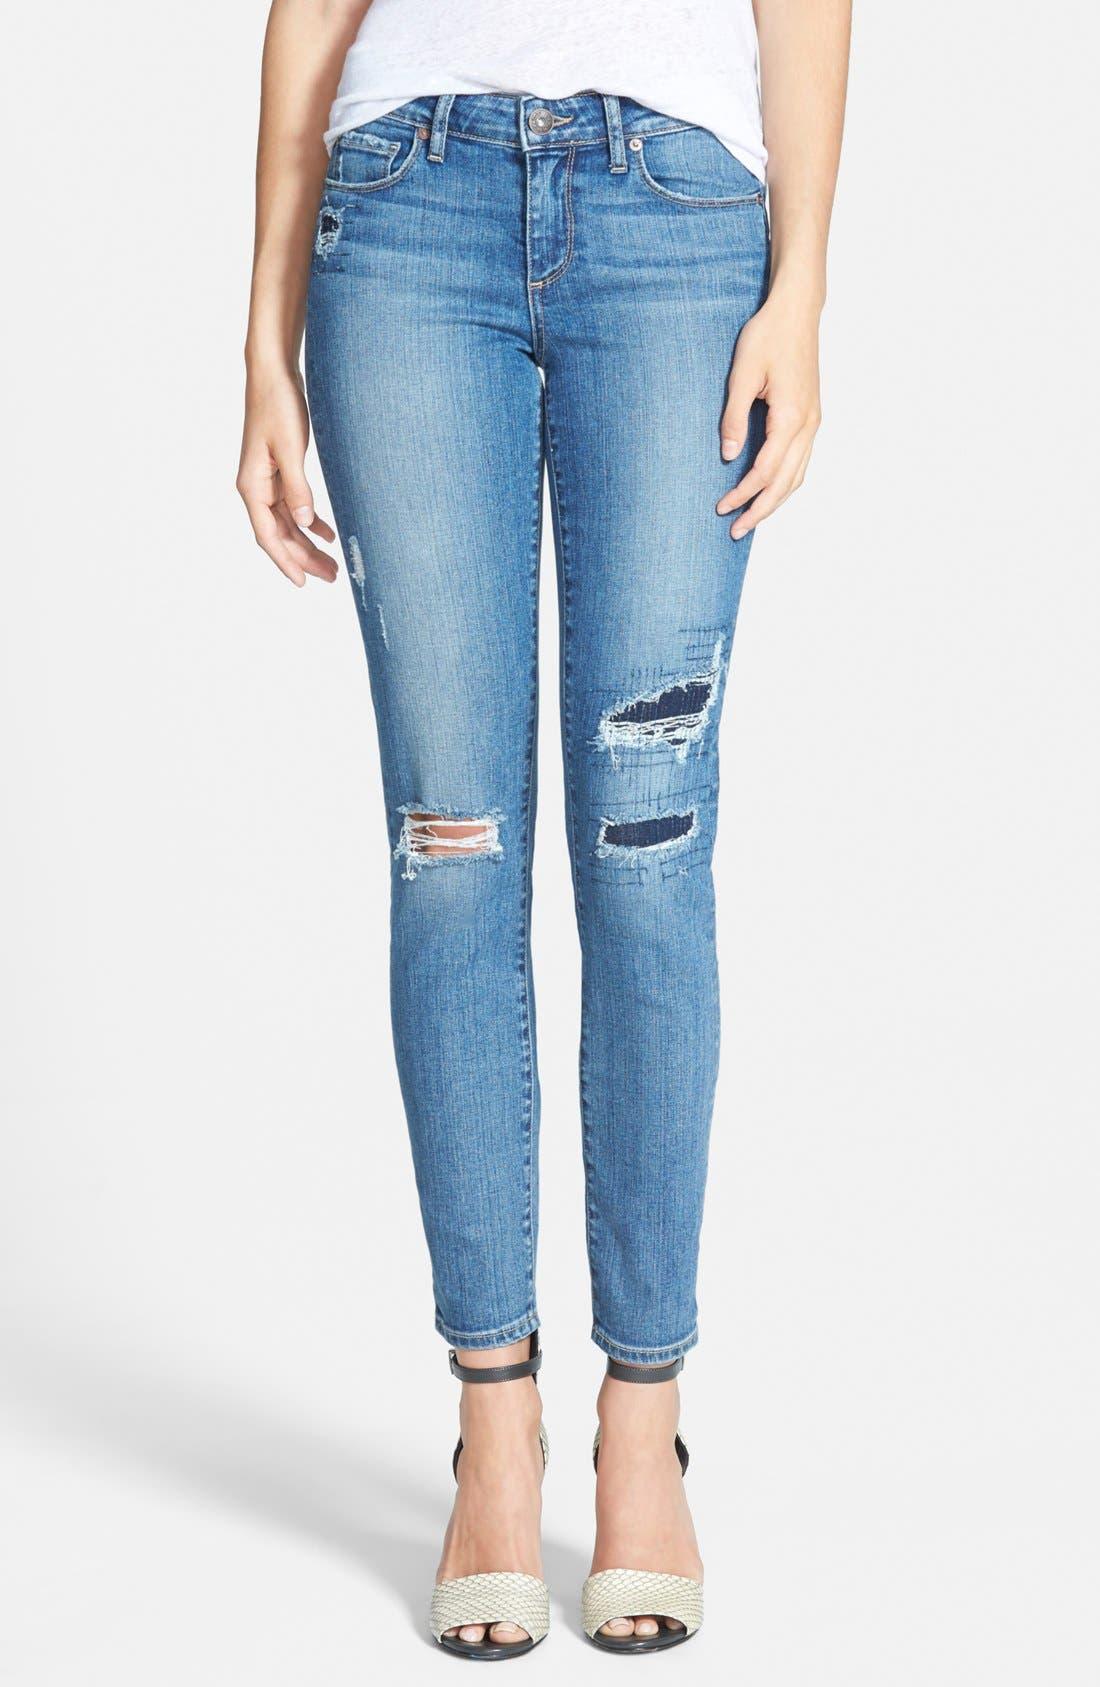 Alternate Image 1 Selected - Paige Denim 'Skyline' Ankle Peg Skinny Jeans (Esme Destructed)